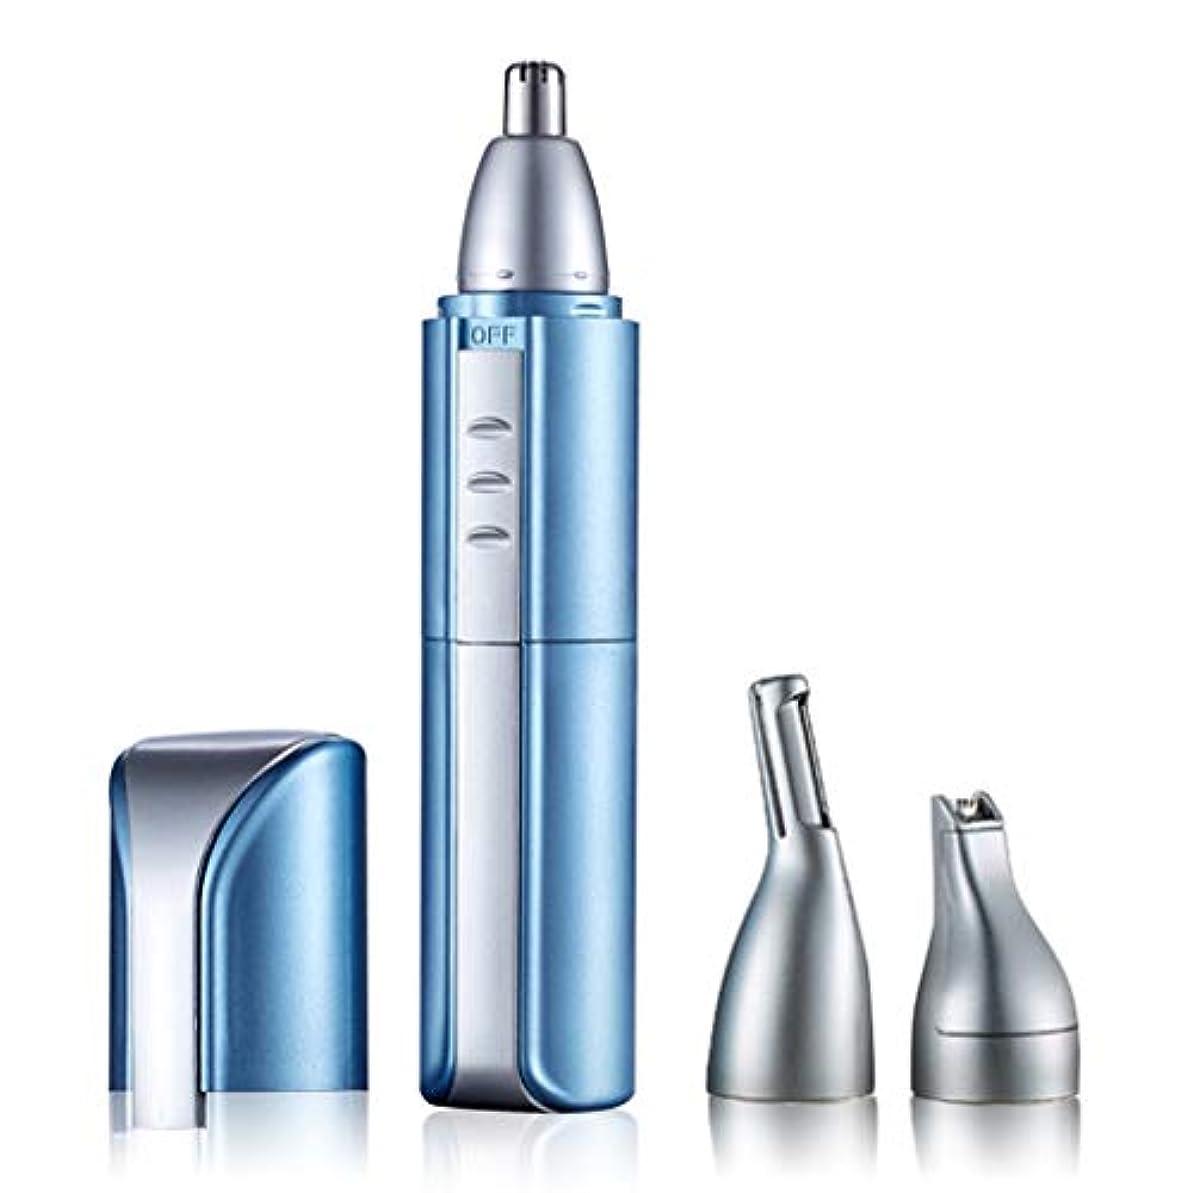 引き出しスポンジセブン電動鼻毛トリマーメンズトリム鼻毛男性と女性のためのシェーバー鼻、角、ひげ、眉毛などに適しています。,Blue